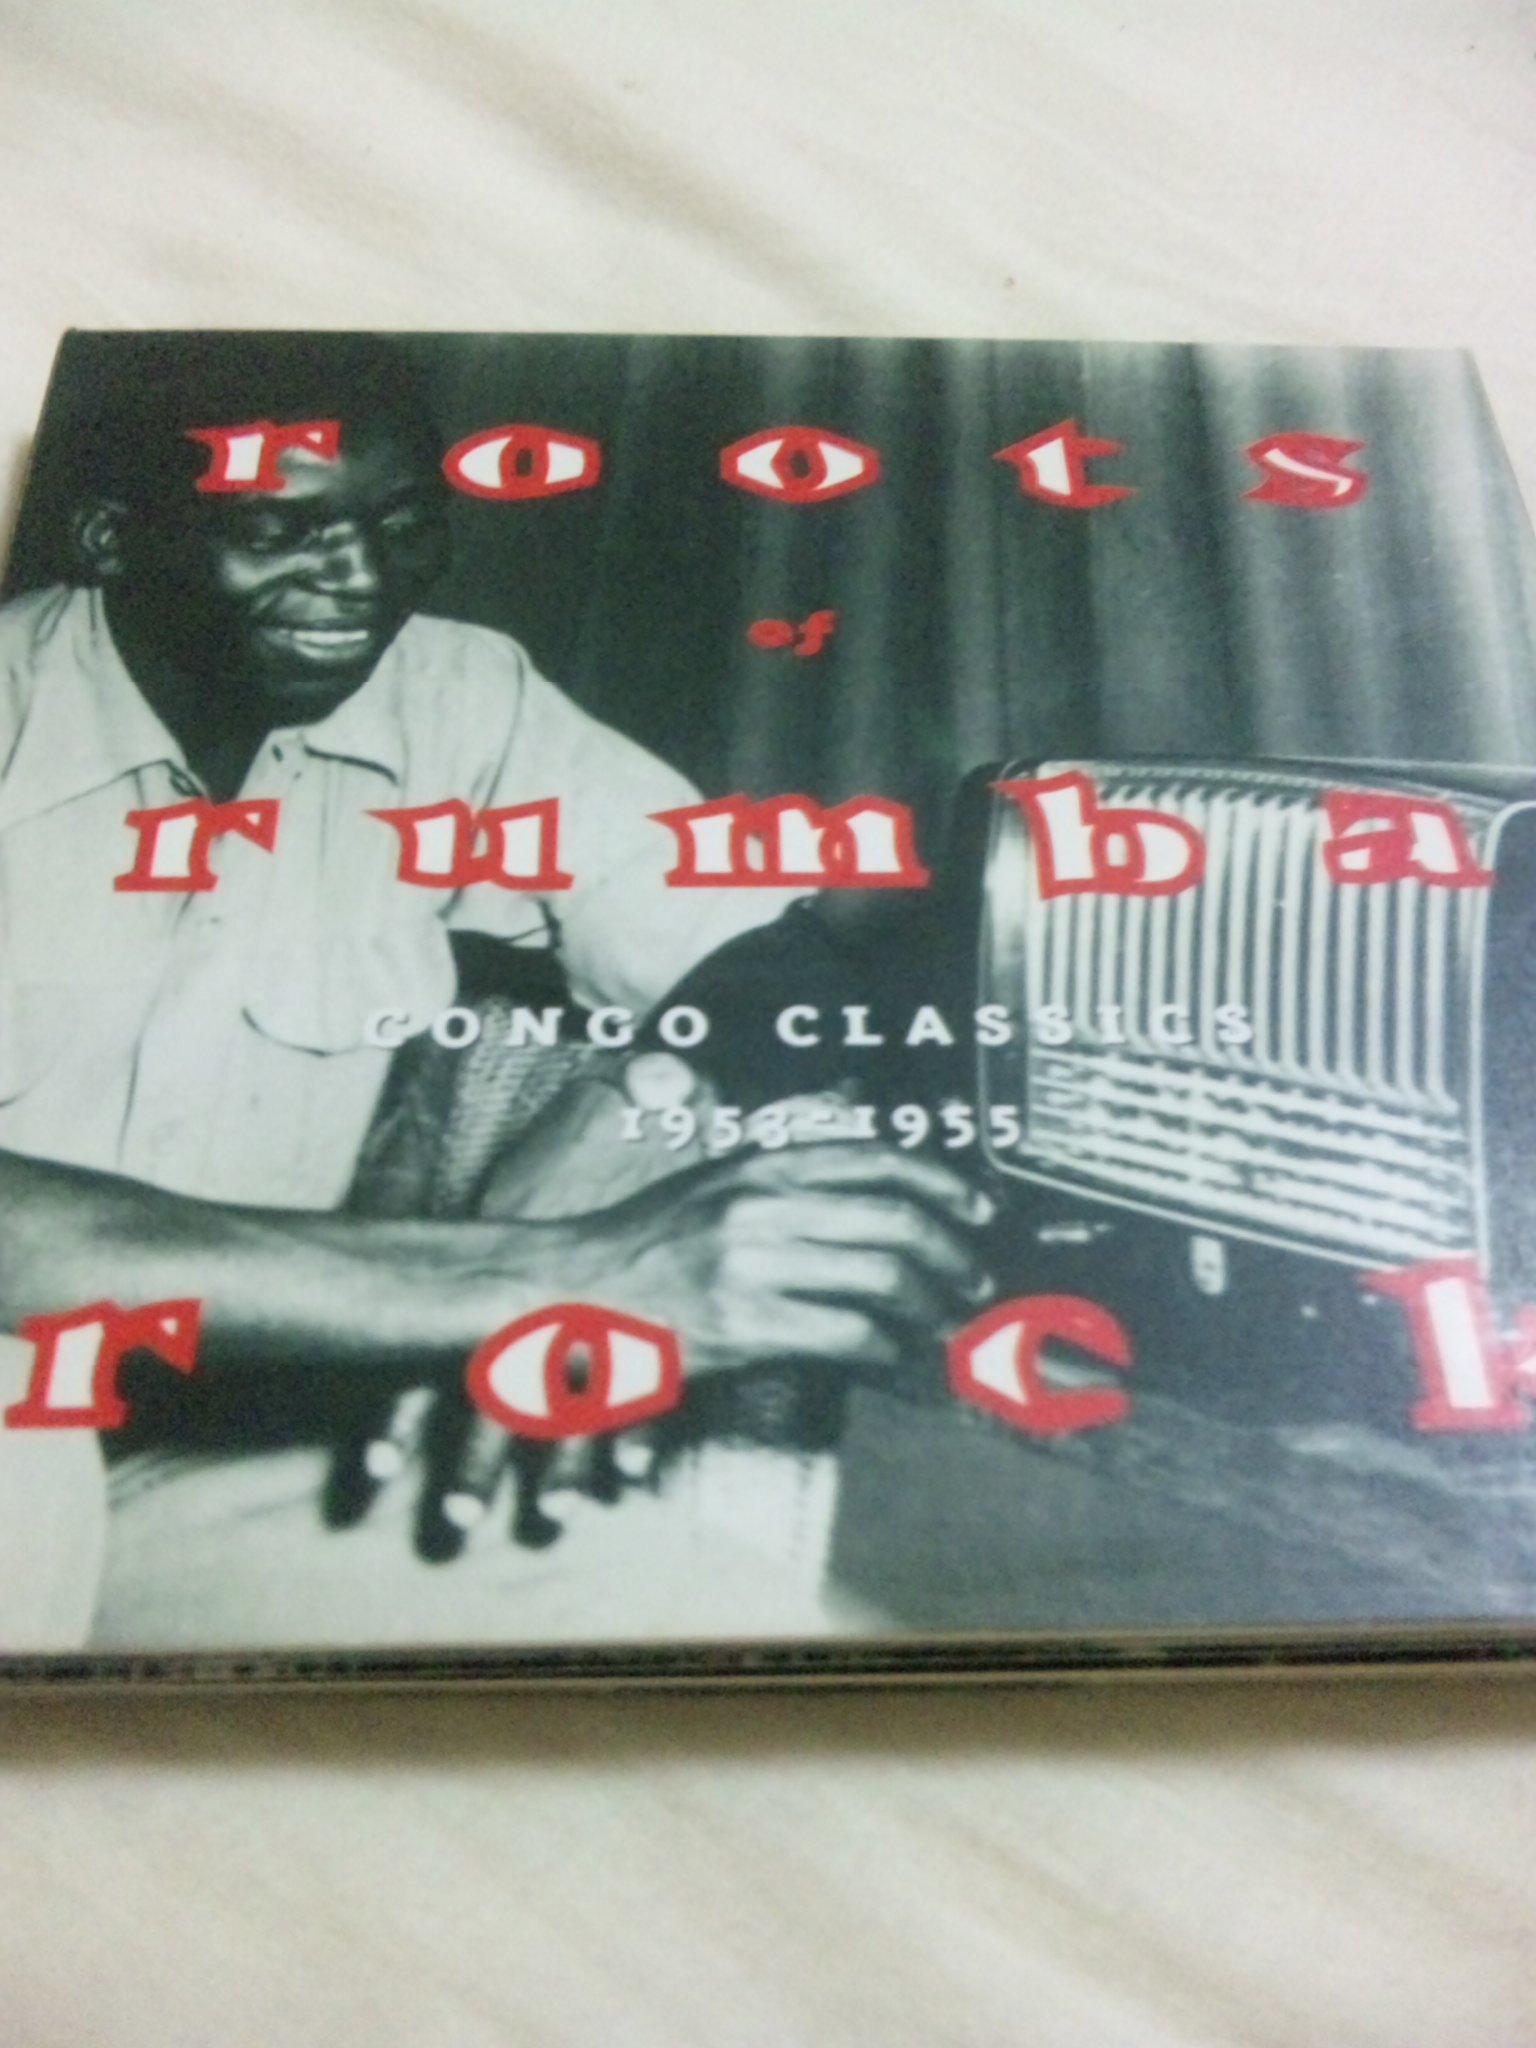 ROOTS OF RUMBA ROCK;CONGO CLASSICS 1953-1955